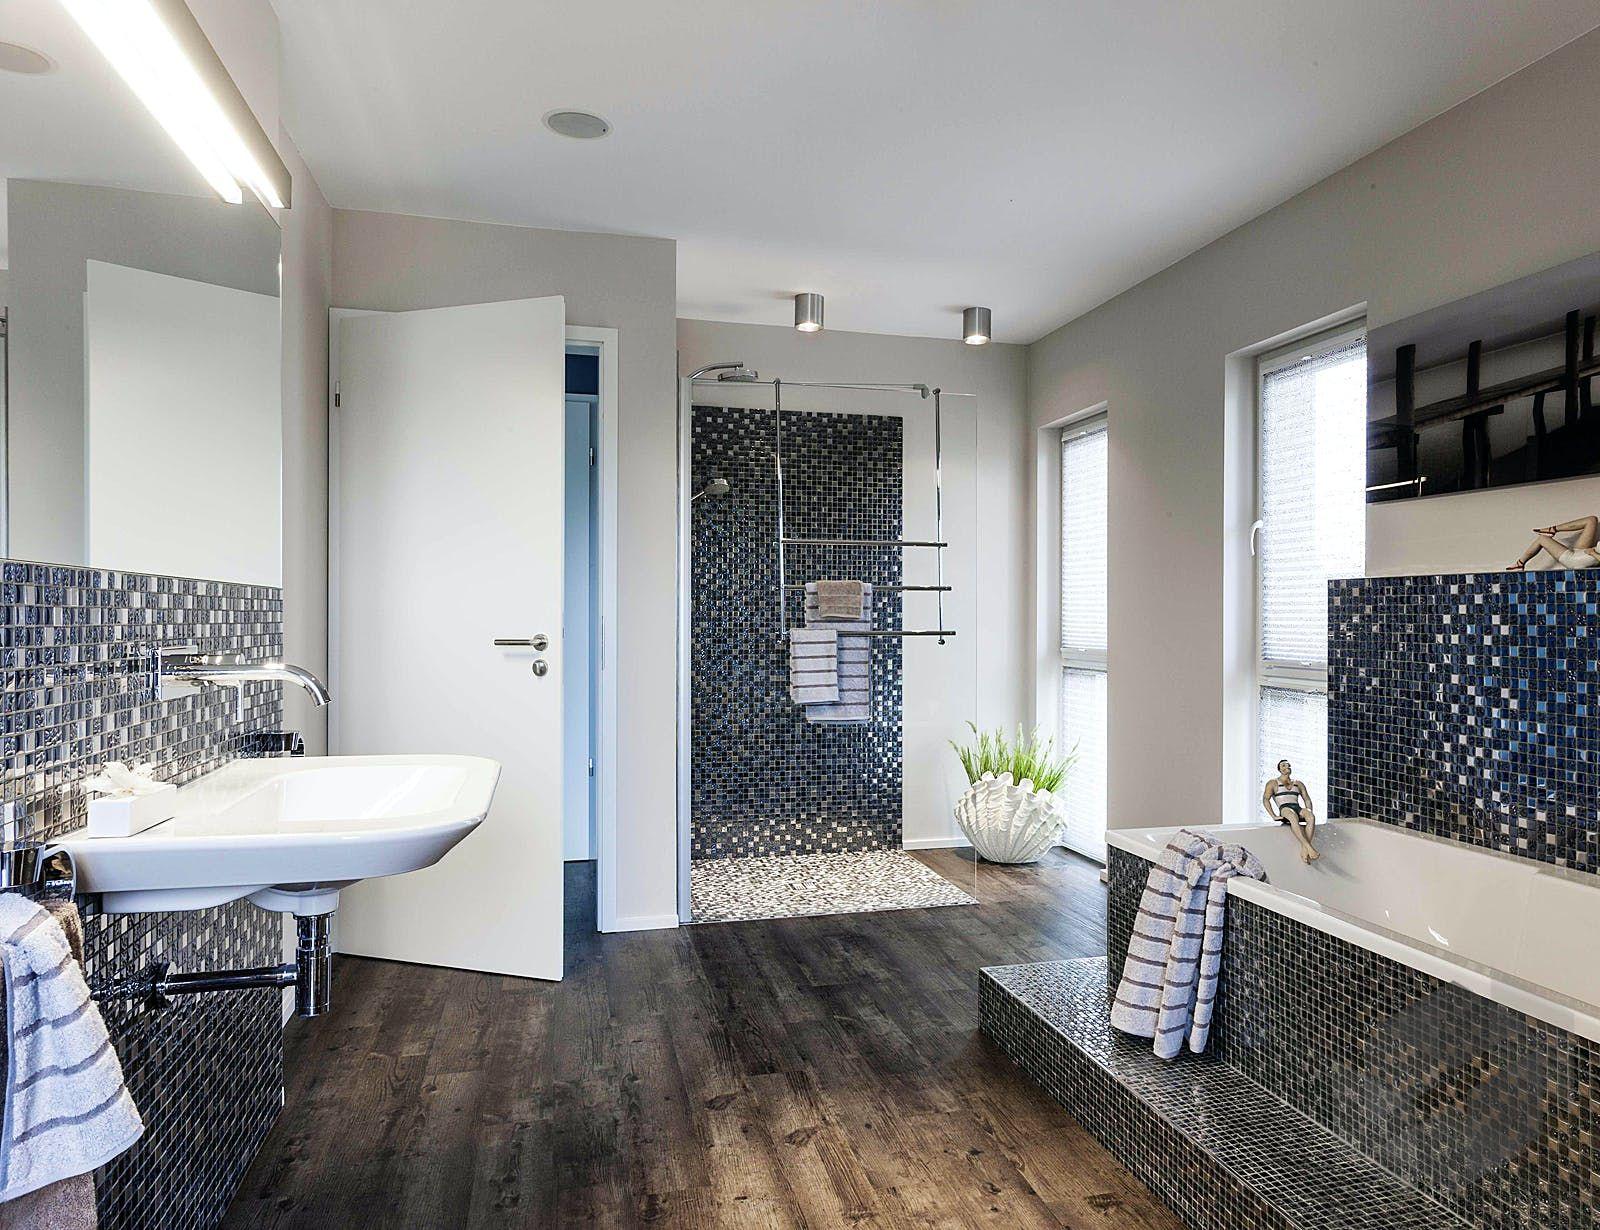 Badezimmer Mit Mosaikfliesen In 2020 Moderne Kleine Badezimmer Bad Einrichten Mosaikfliesen